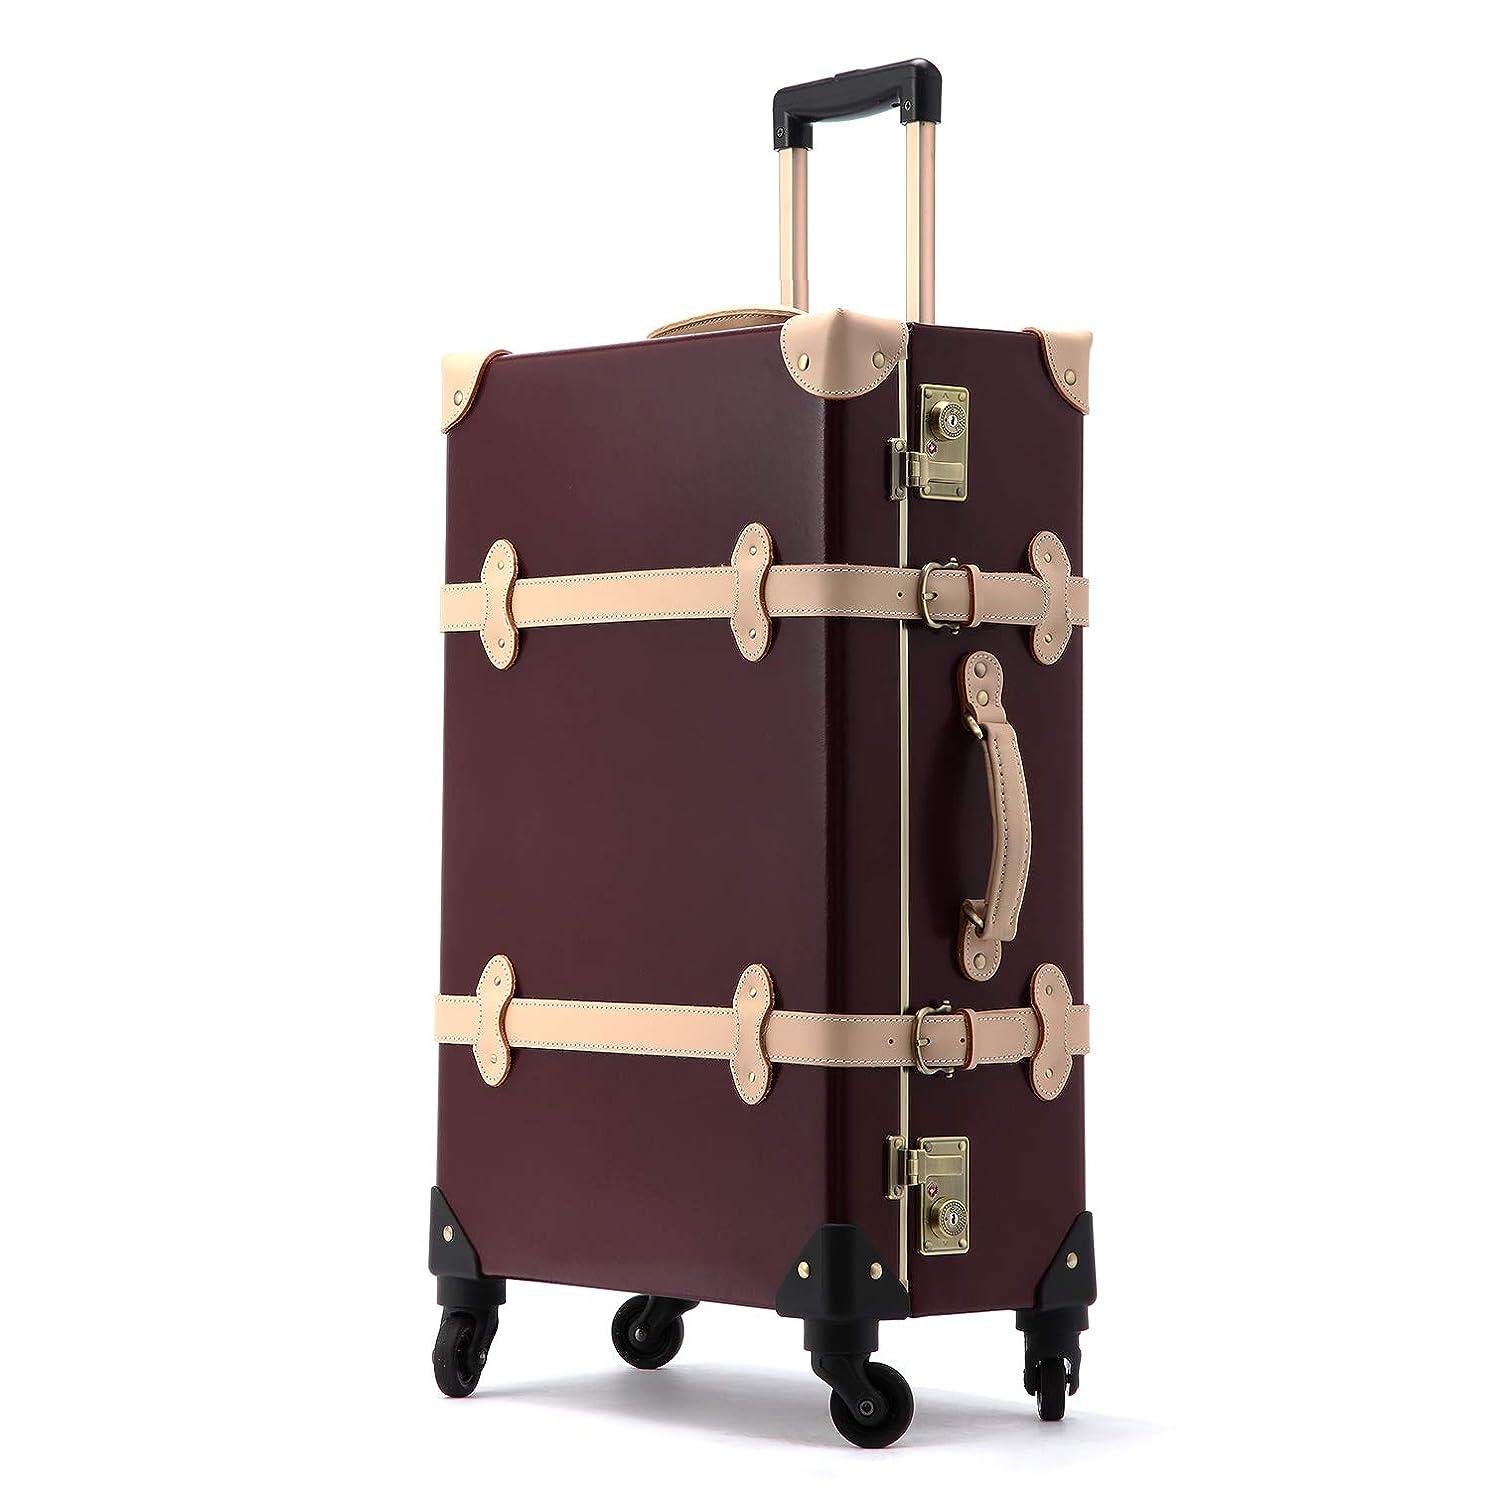 おばあさん従順胆嚢Uniwalker スーツケース 天然牛革 無染色 キャリーケース TSAロック トランク 旅行 出張 キャリーバッグ 軽量丈夫 静音 S型 機内持ち込み